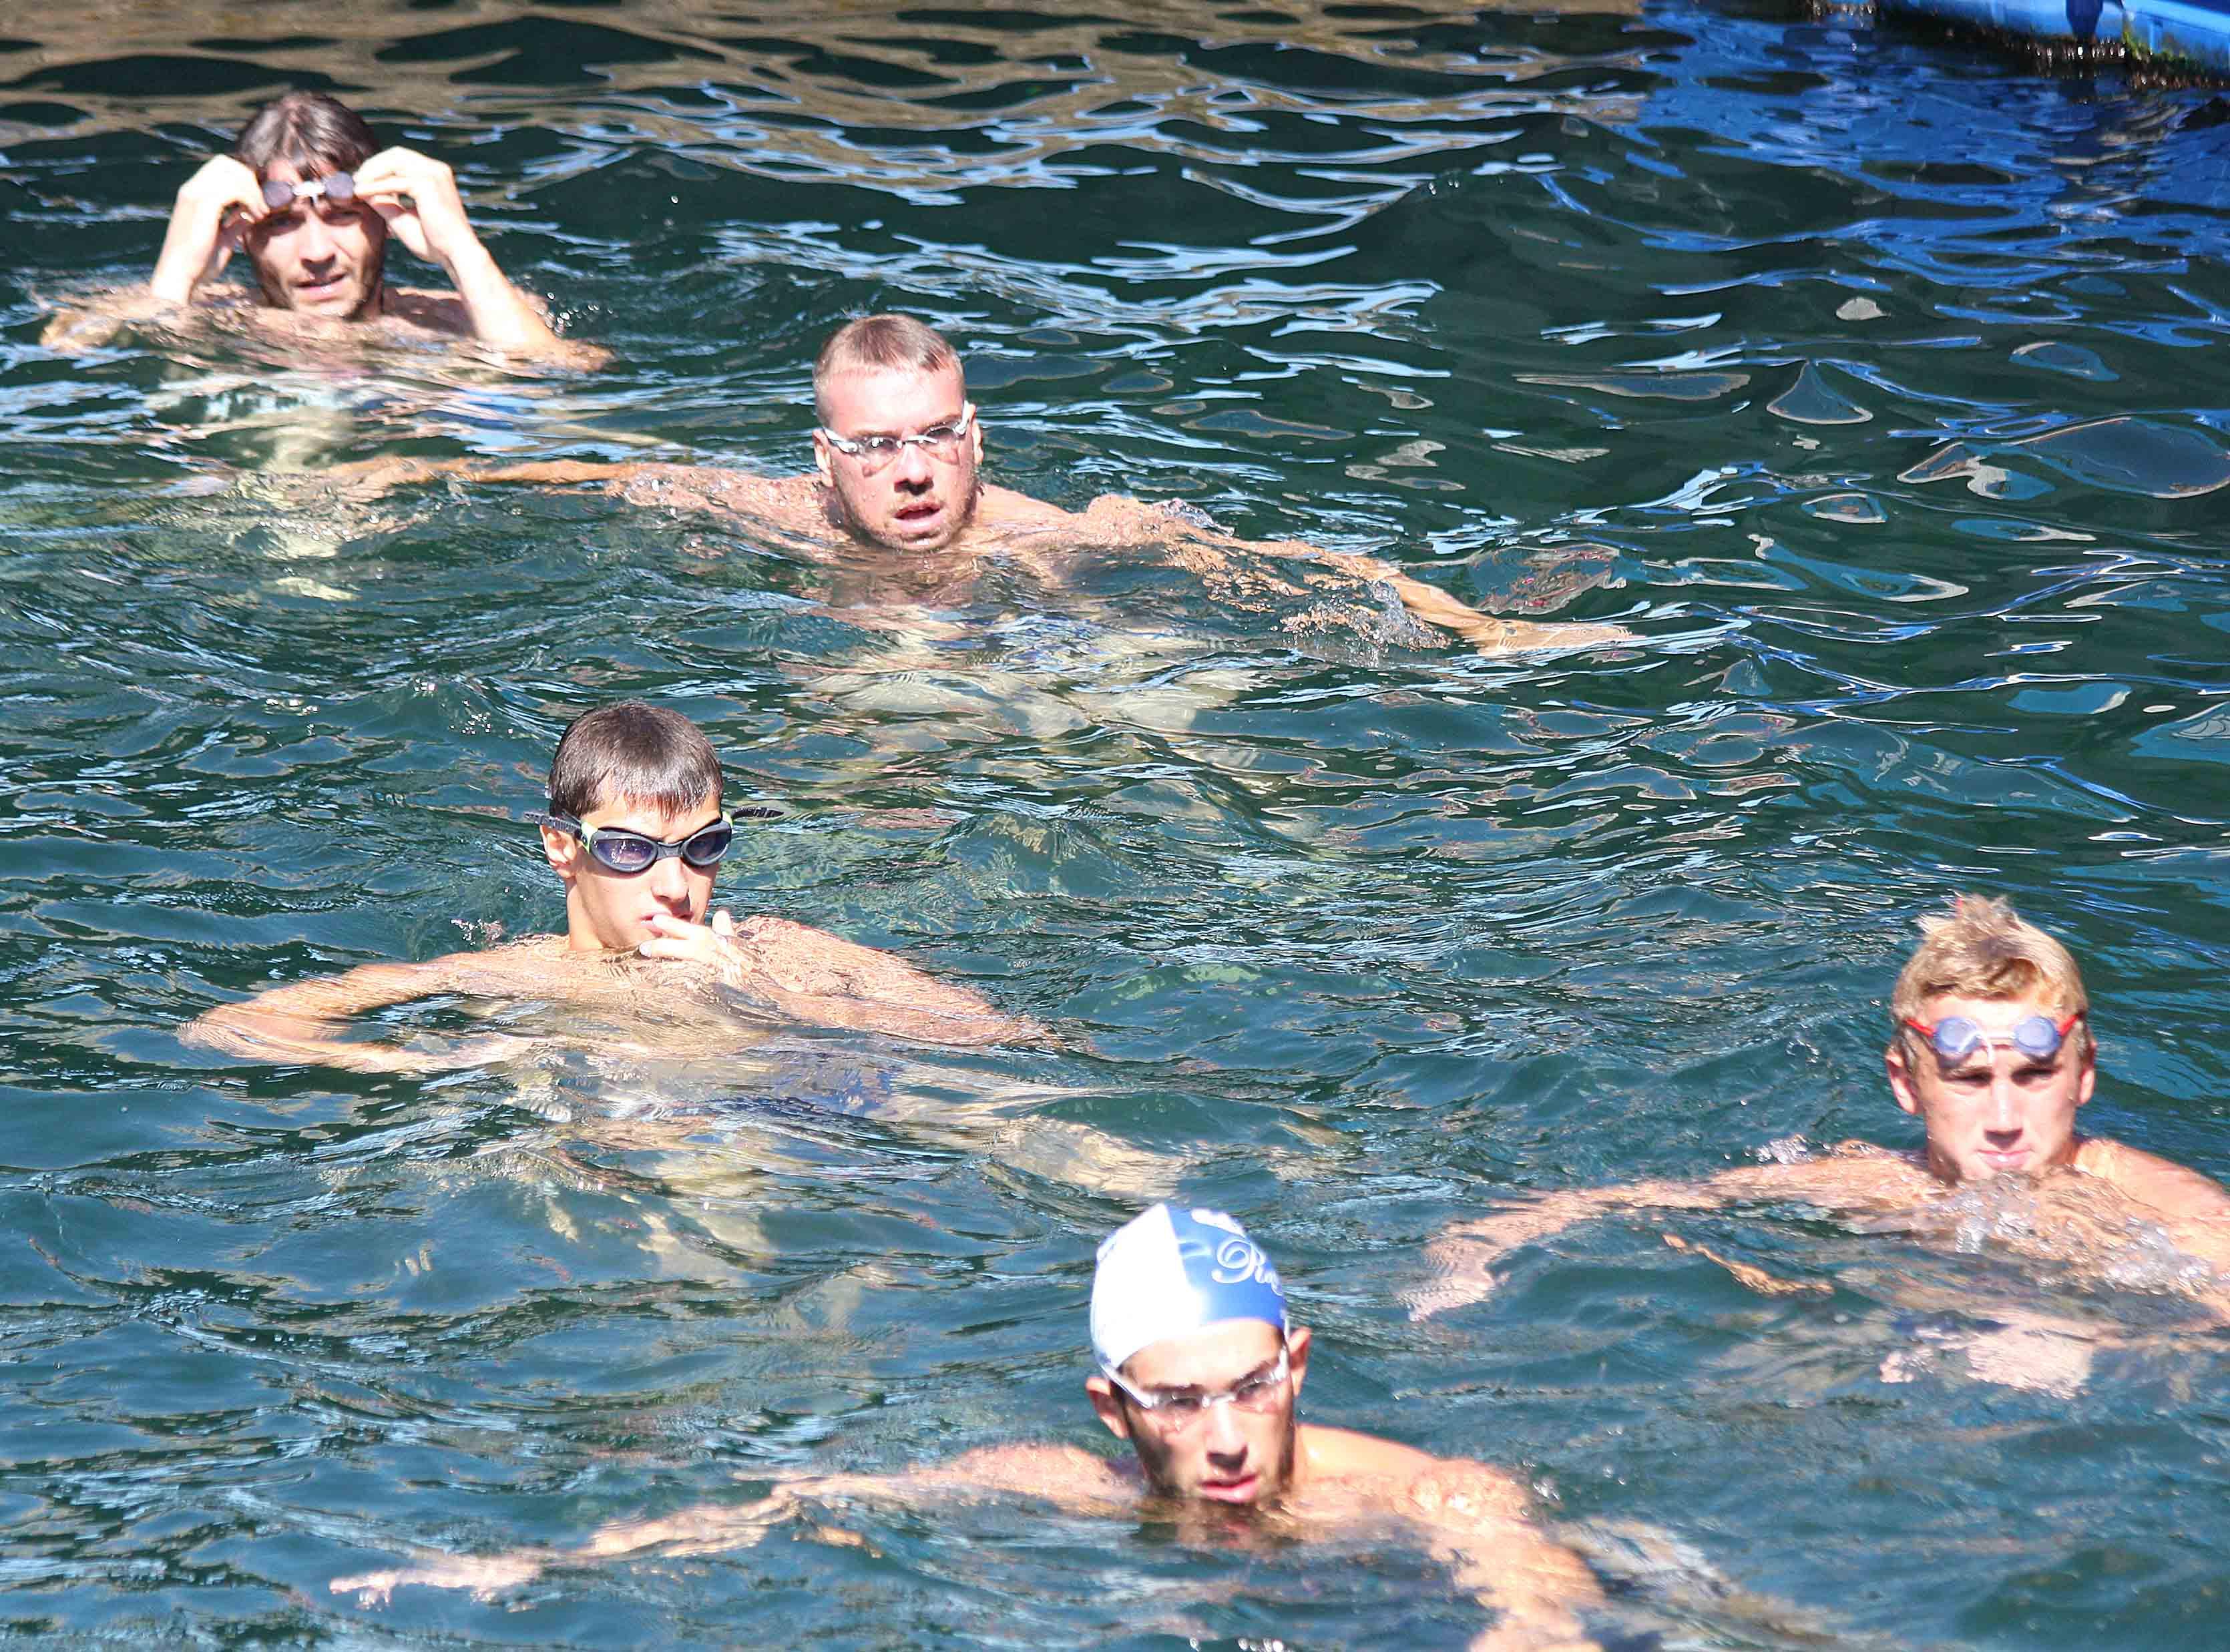 E' iniziata la stagione 2016/2017. All'Ausonia raduno e primo allenamento per la Pallanuoto Trieste. Nel mirino la Coppa Italia e l'esordio in campionato del 15 ottobre